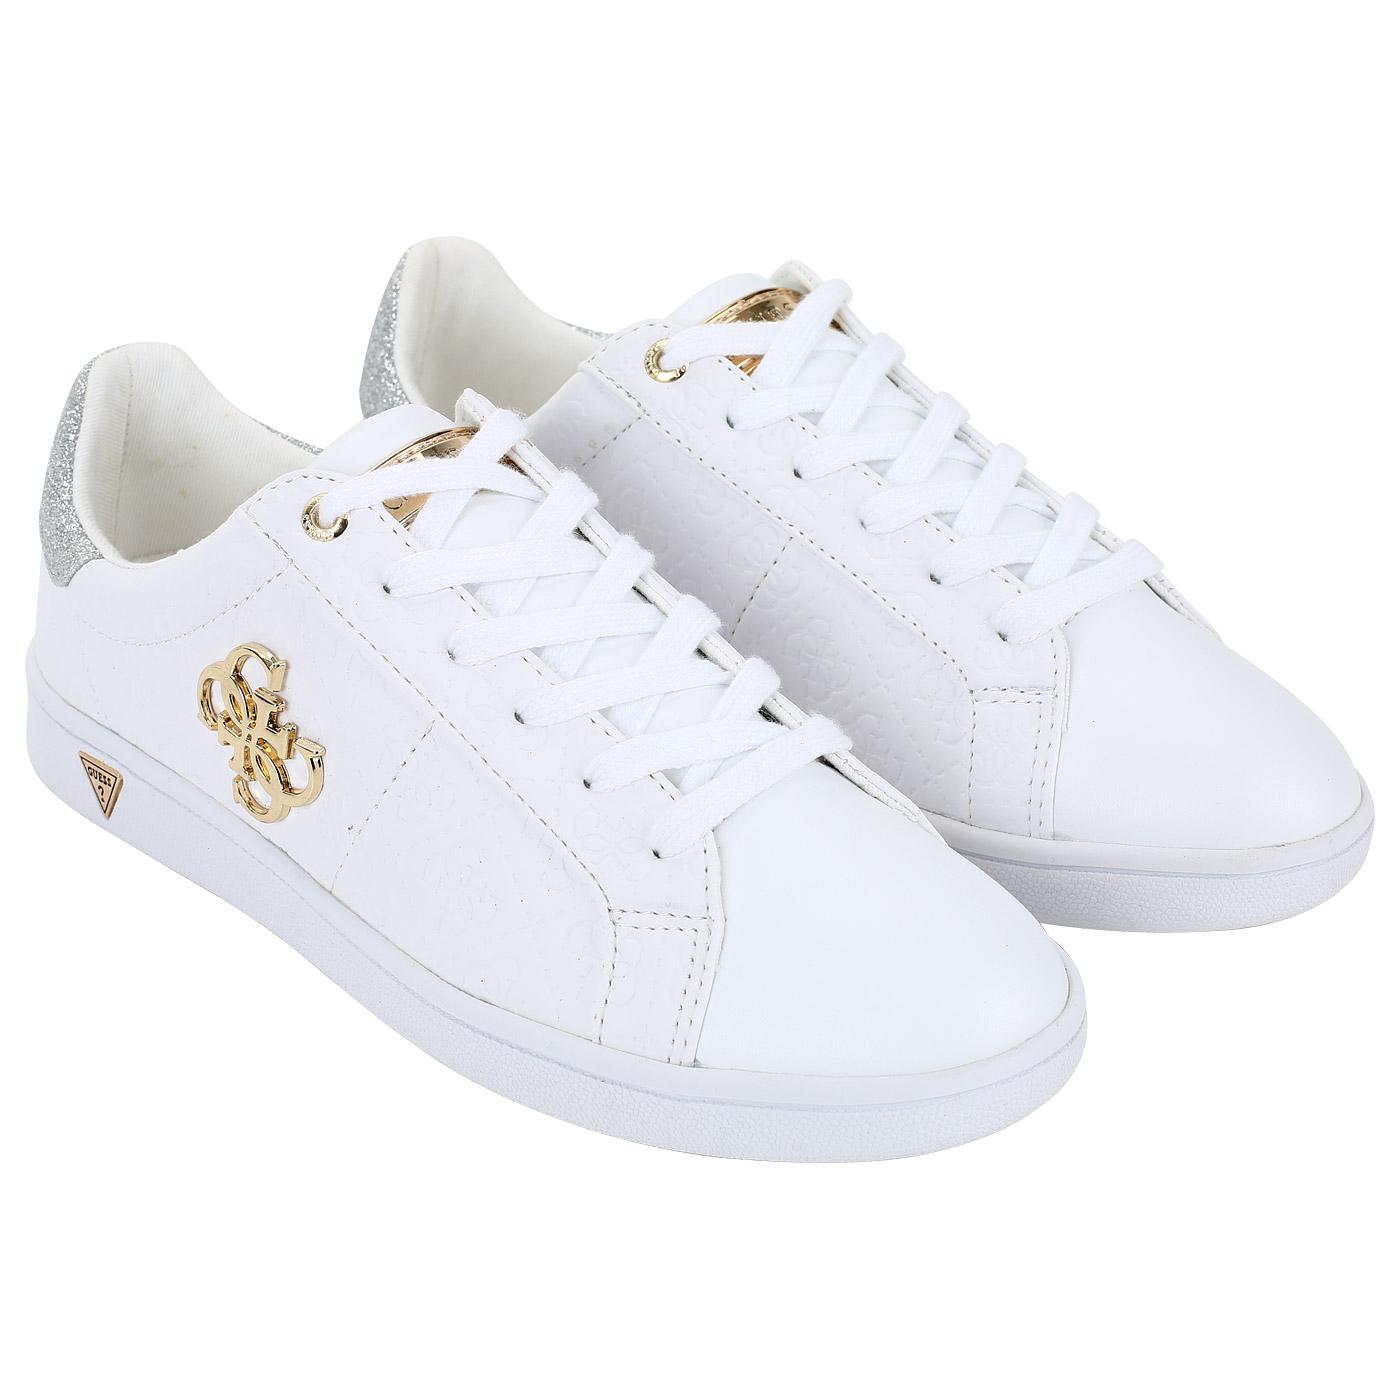 Женские кеды белого цвета с логотипом бренда Guess Baysic2 FLBYS1 ... 8037ed6e4c5